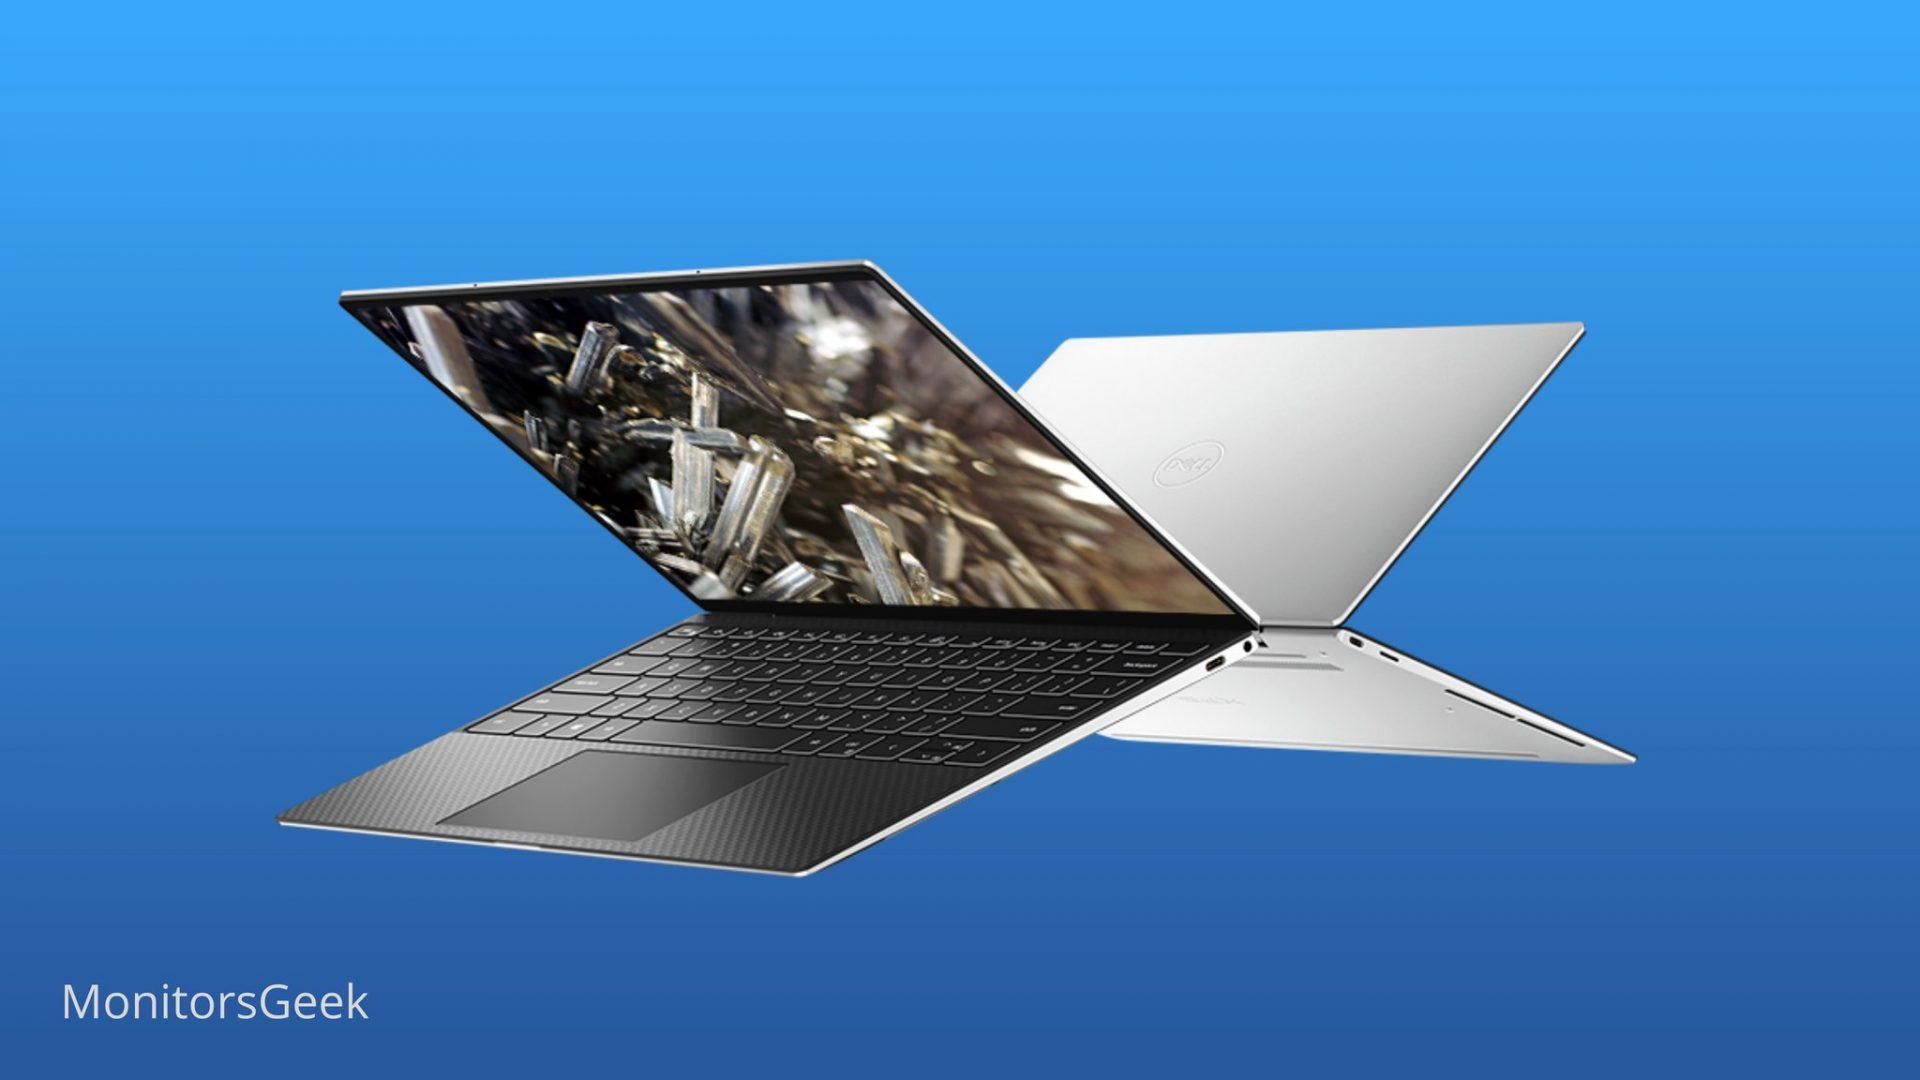 Best 2-in-1 Laptop Under $500